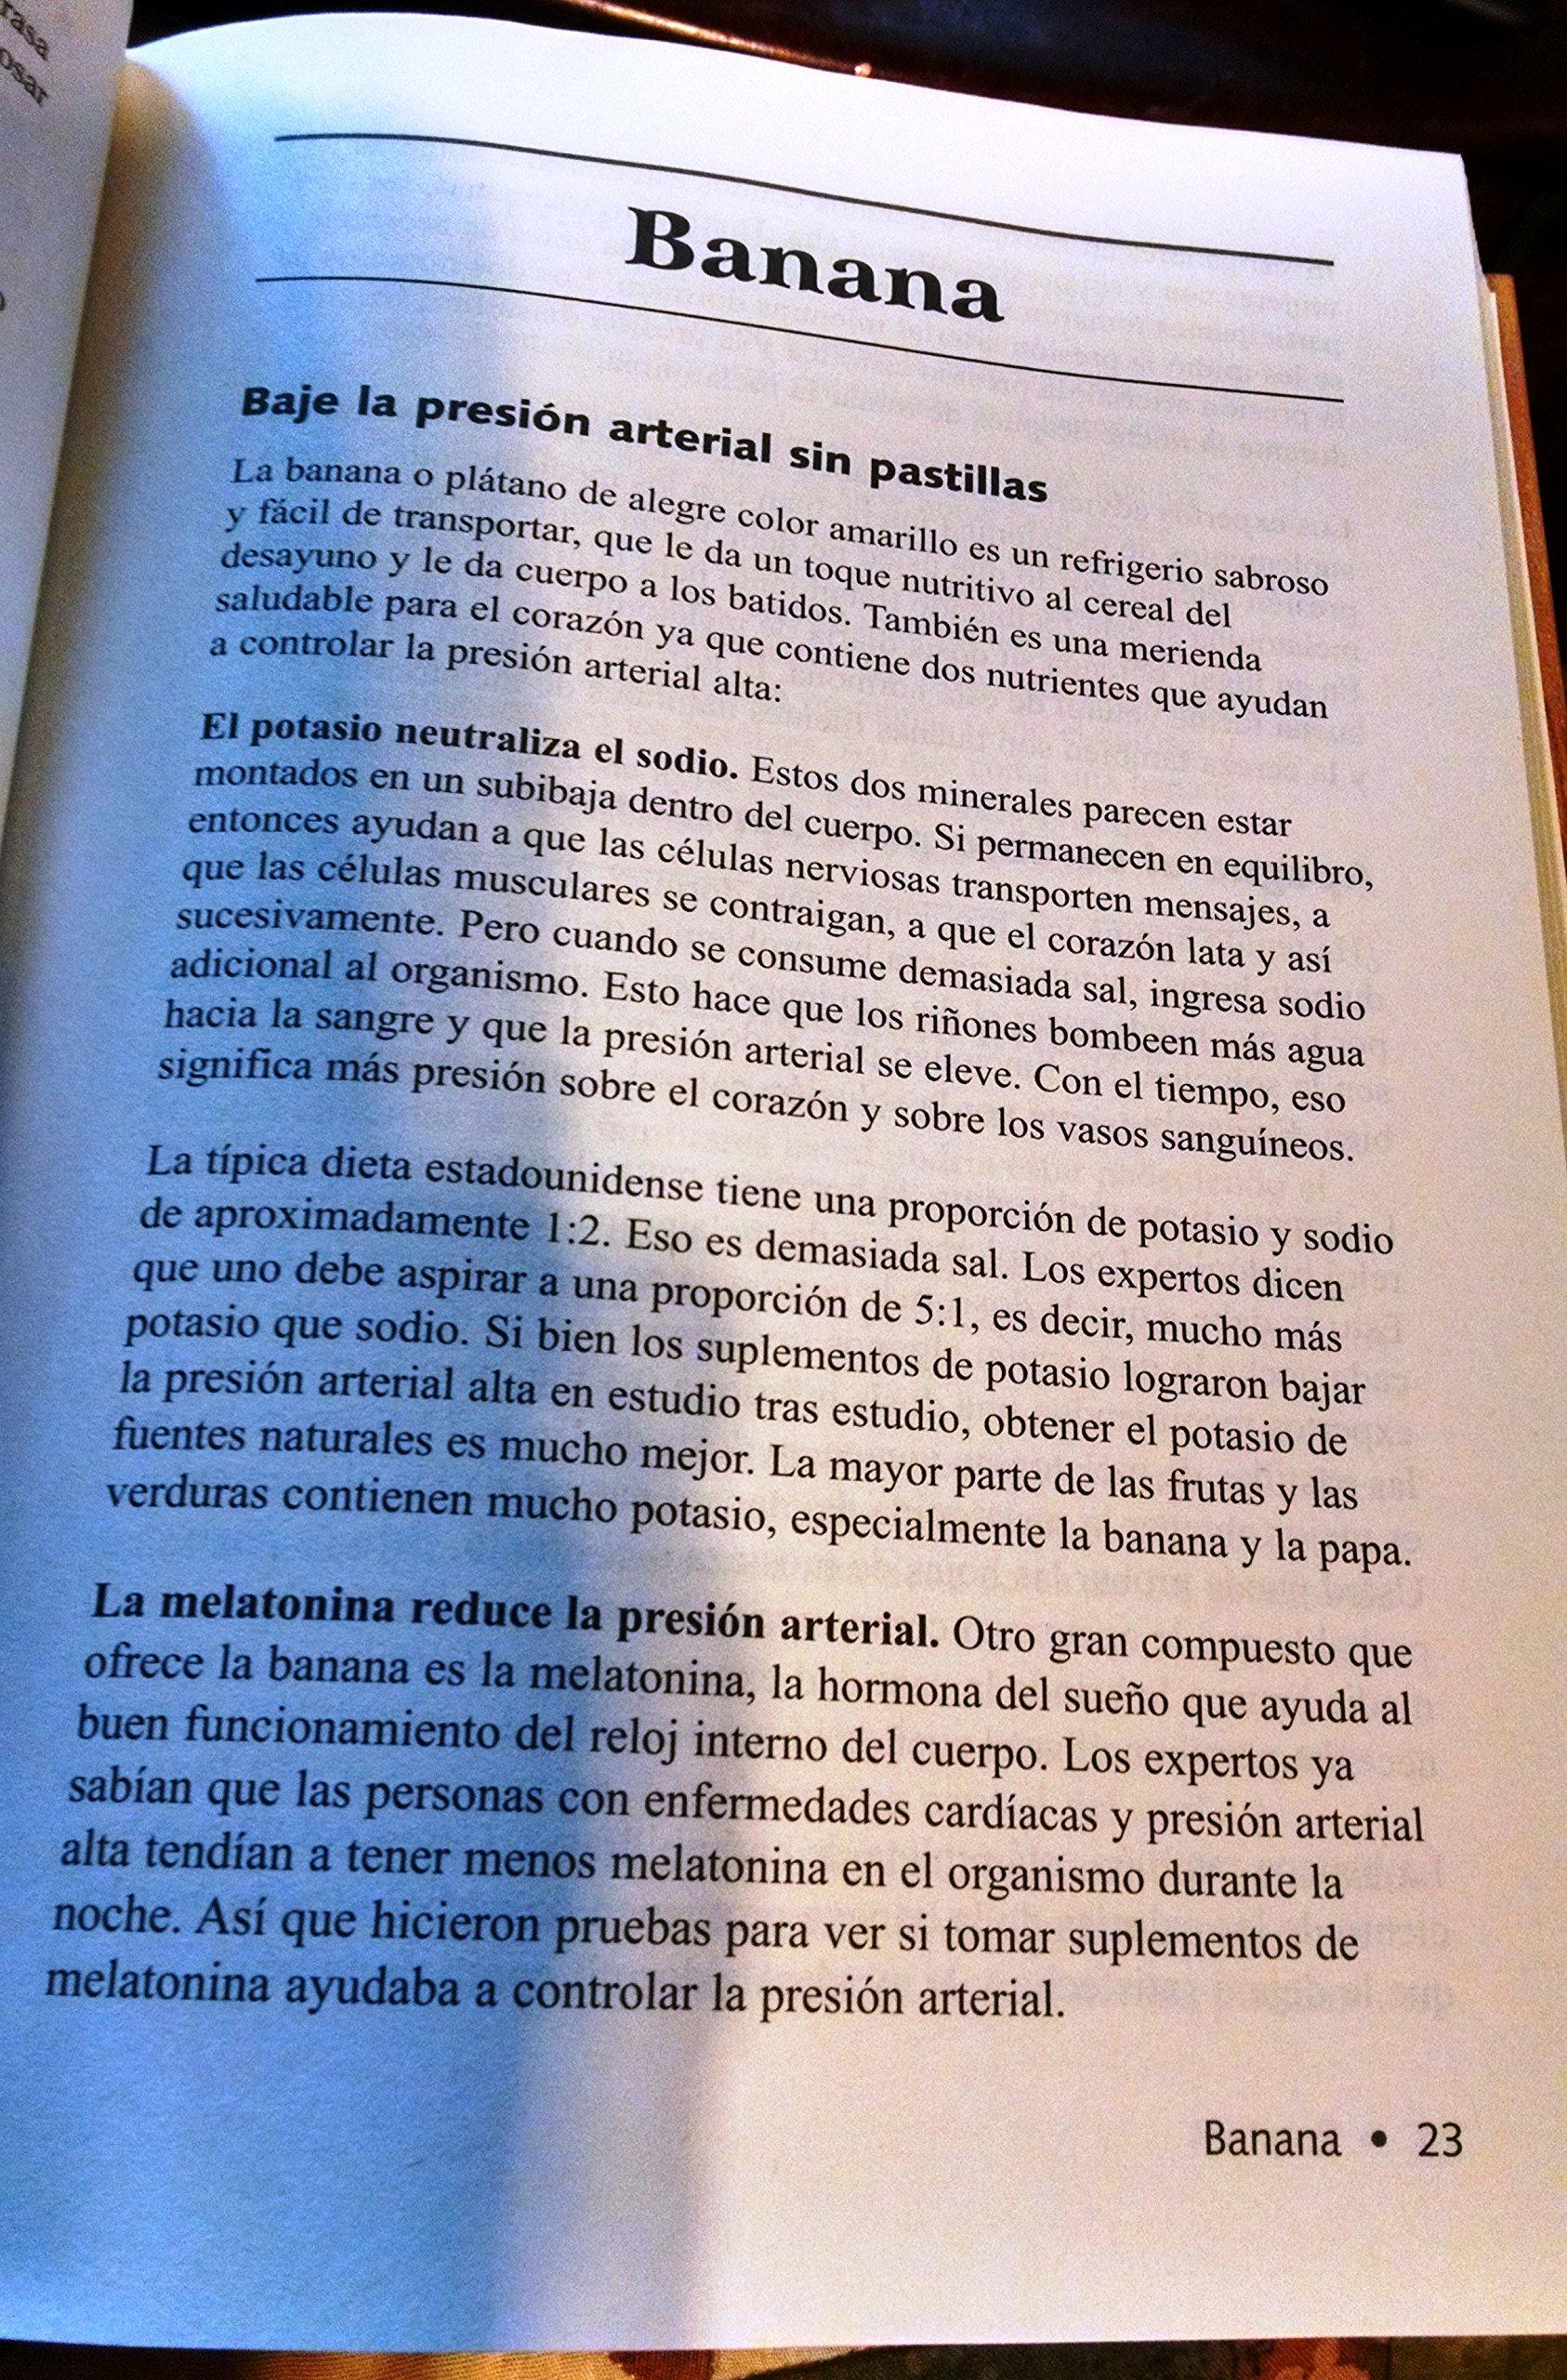 Secretos De La Cocina Para Vivir Mejor 1427 Curas De Cocina Y Consejos Caseros Para Casi Cualquier Problema De Salud Y Del Hogar: Amazon.es: Fca: Libros